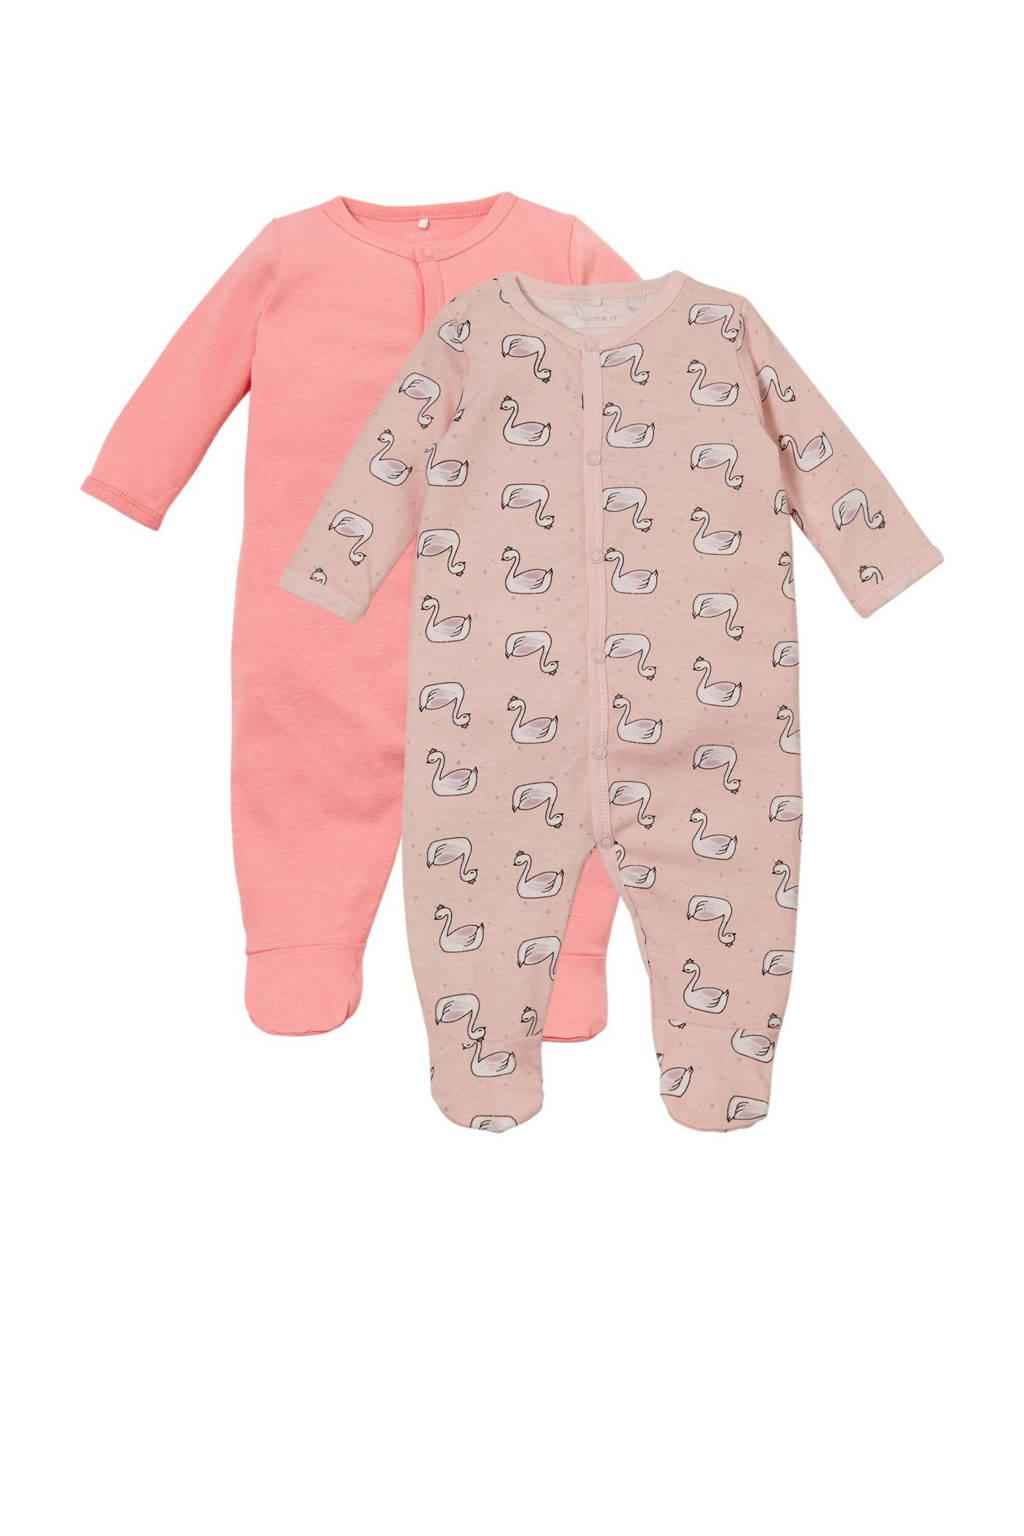 NAME IT BABY newborn baby pyjama - set van 2, Roze/lichtroze/wit